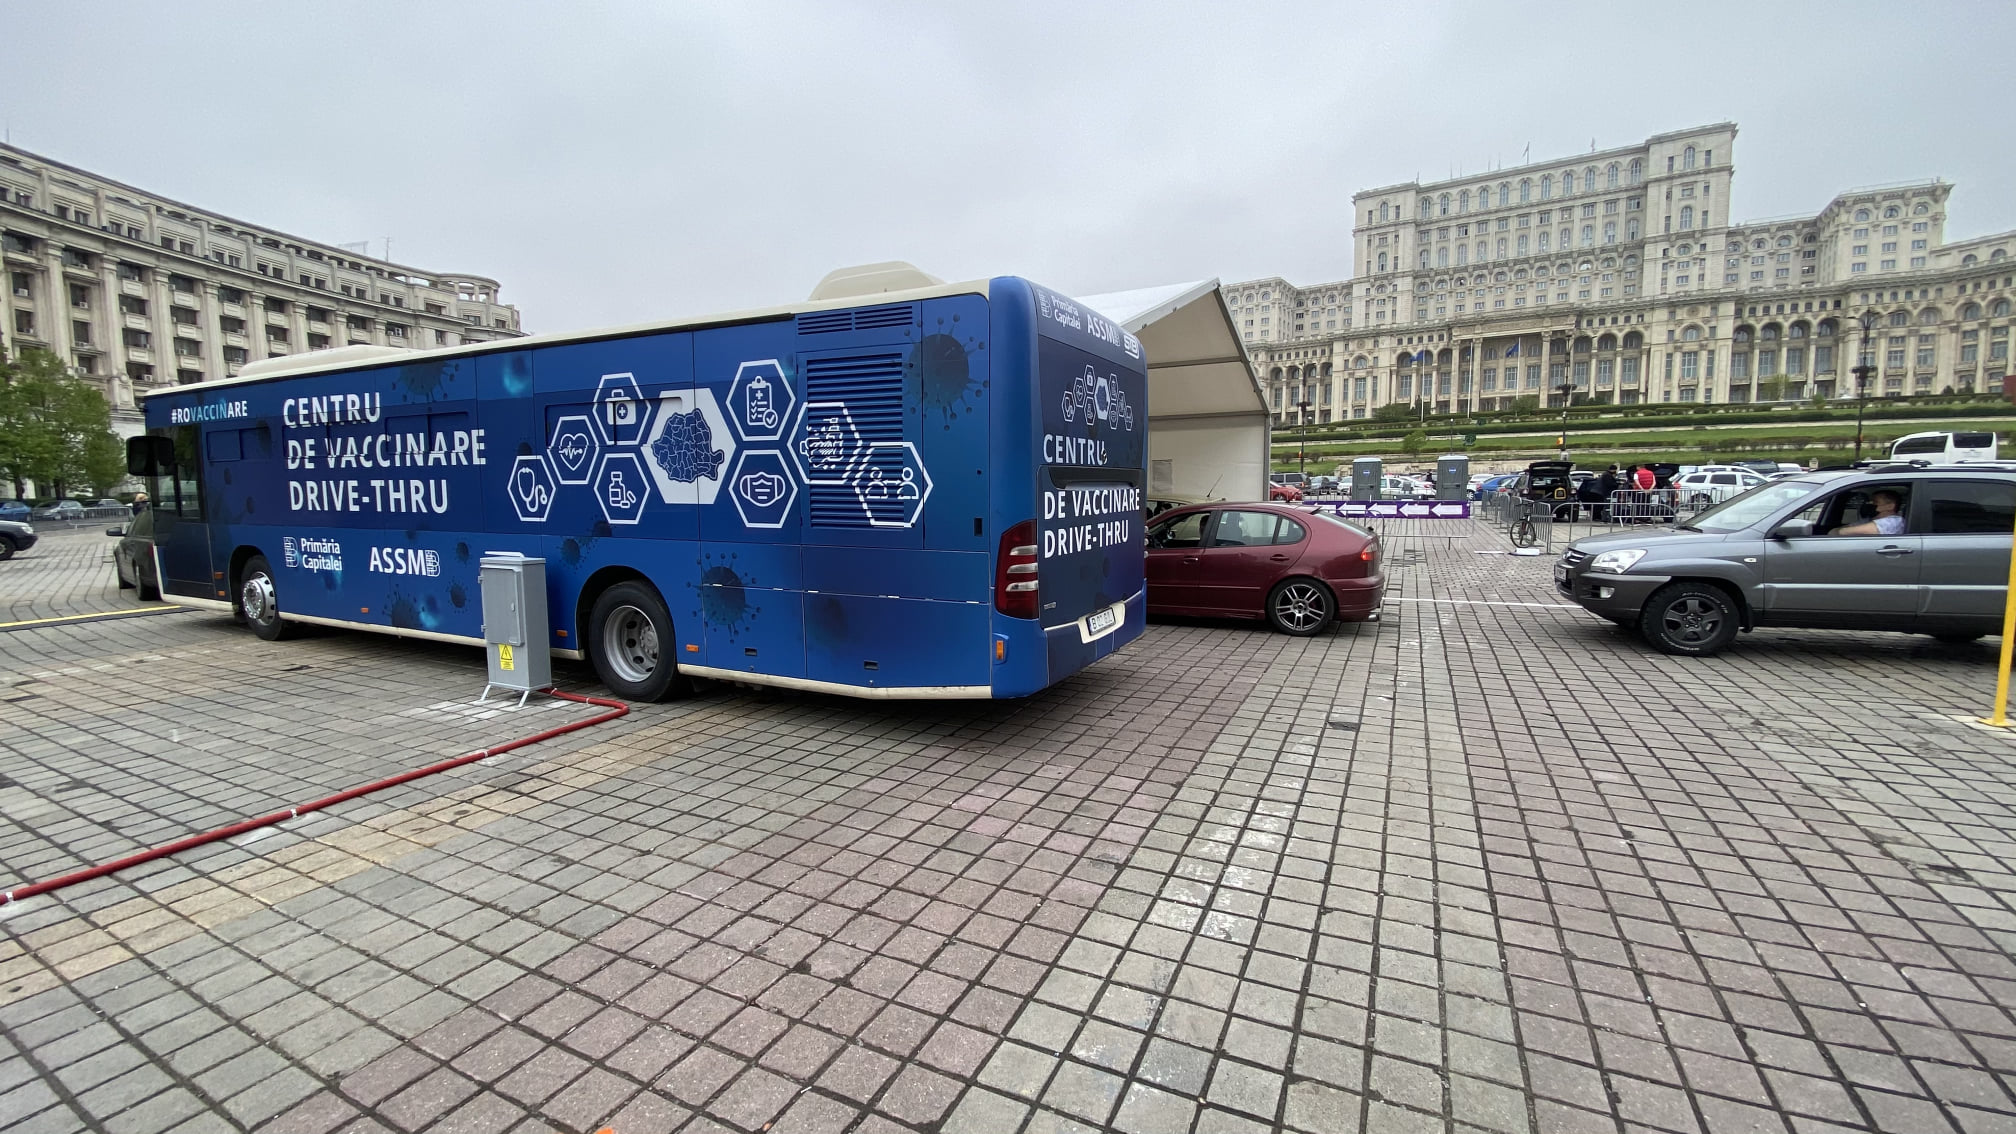 centru de vaccinare drive-through din Bucureşti